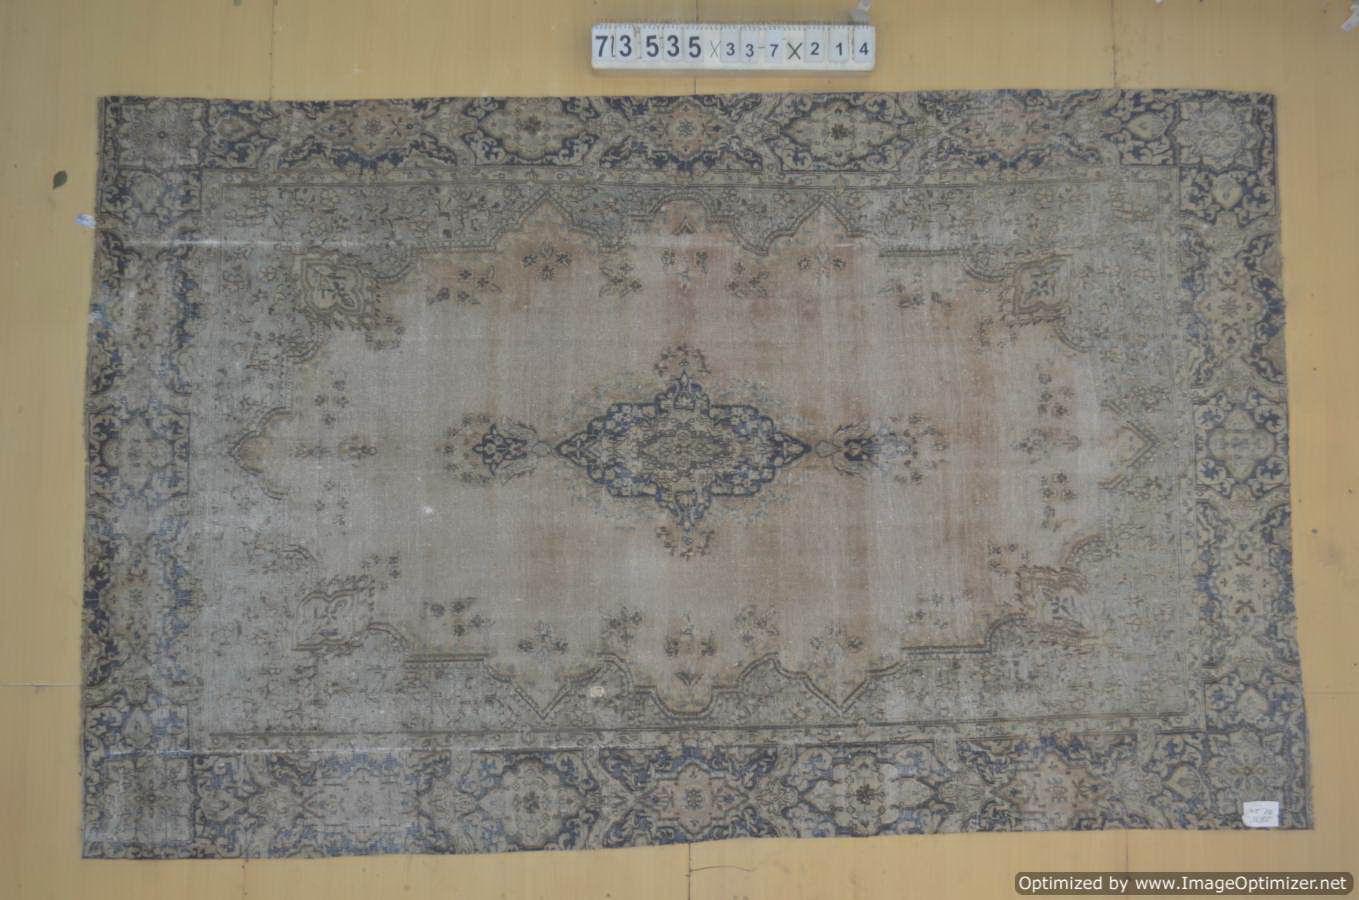 30 tot 80 jaar oud vloerkleed (geschoren en gewassen) 337cm x 214cm, no 73535 Leverbaar vanaf 10 februari, nu bestelbaar